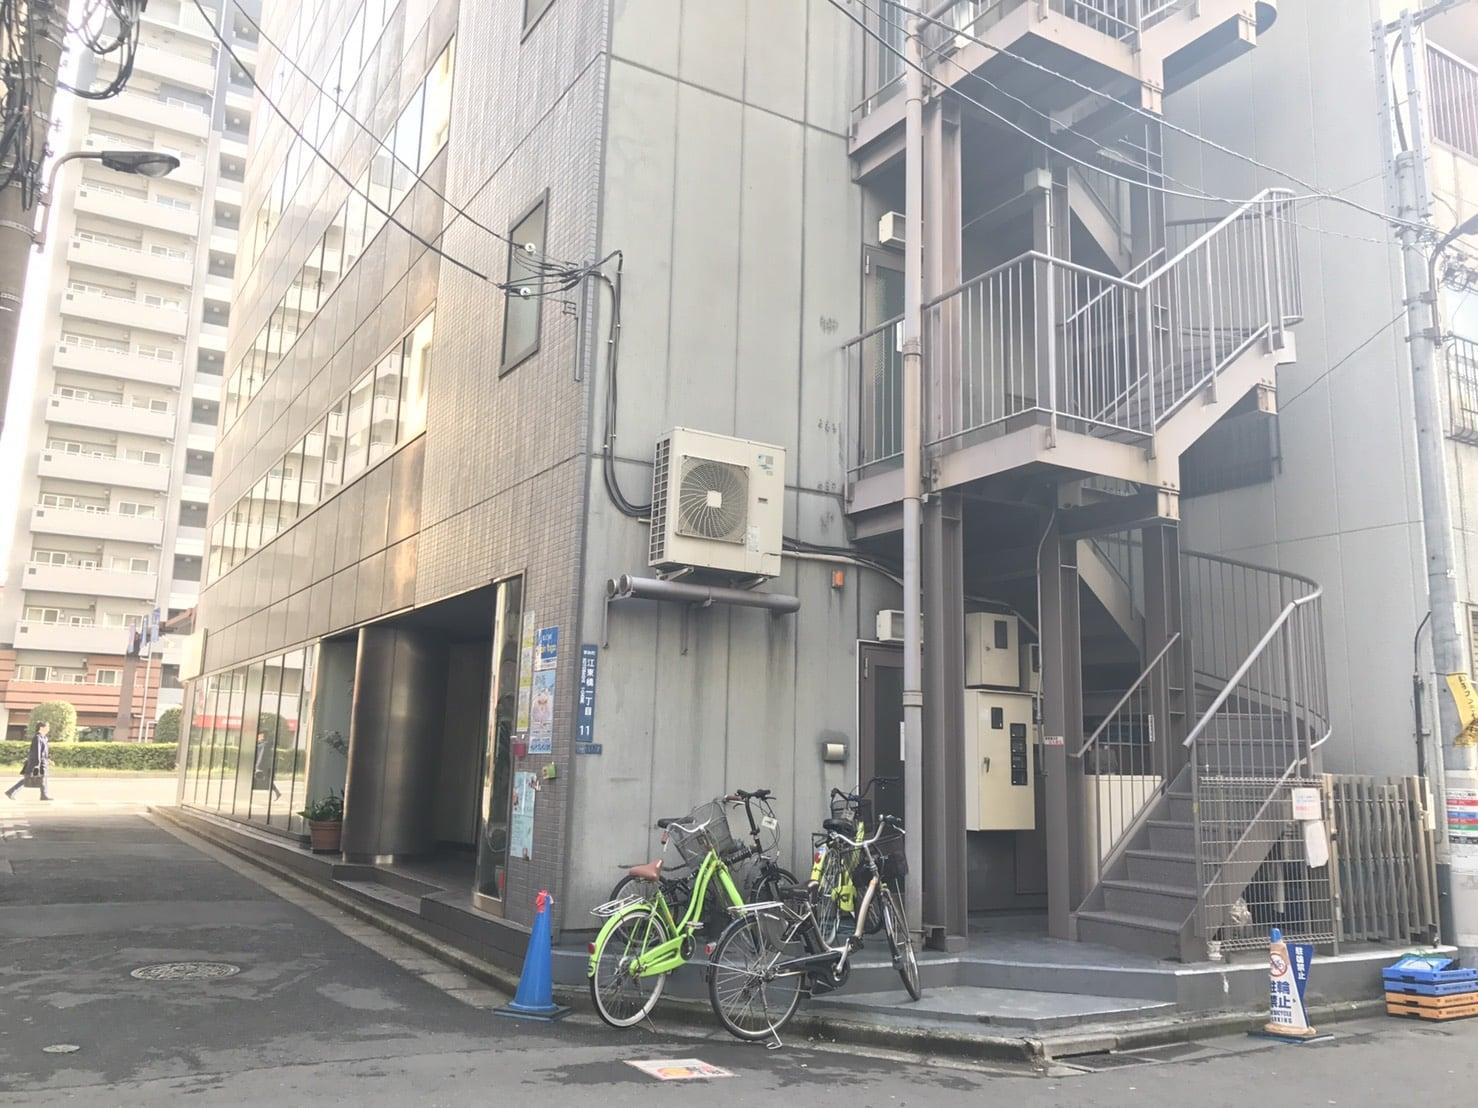 右側にあるビルのイメージ写真